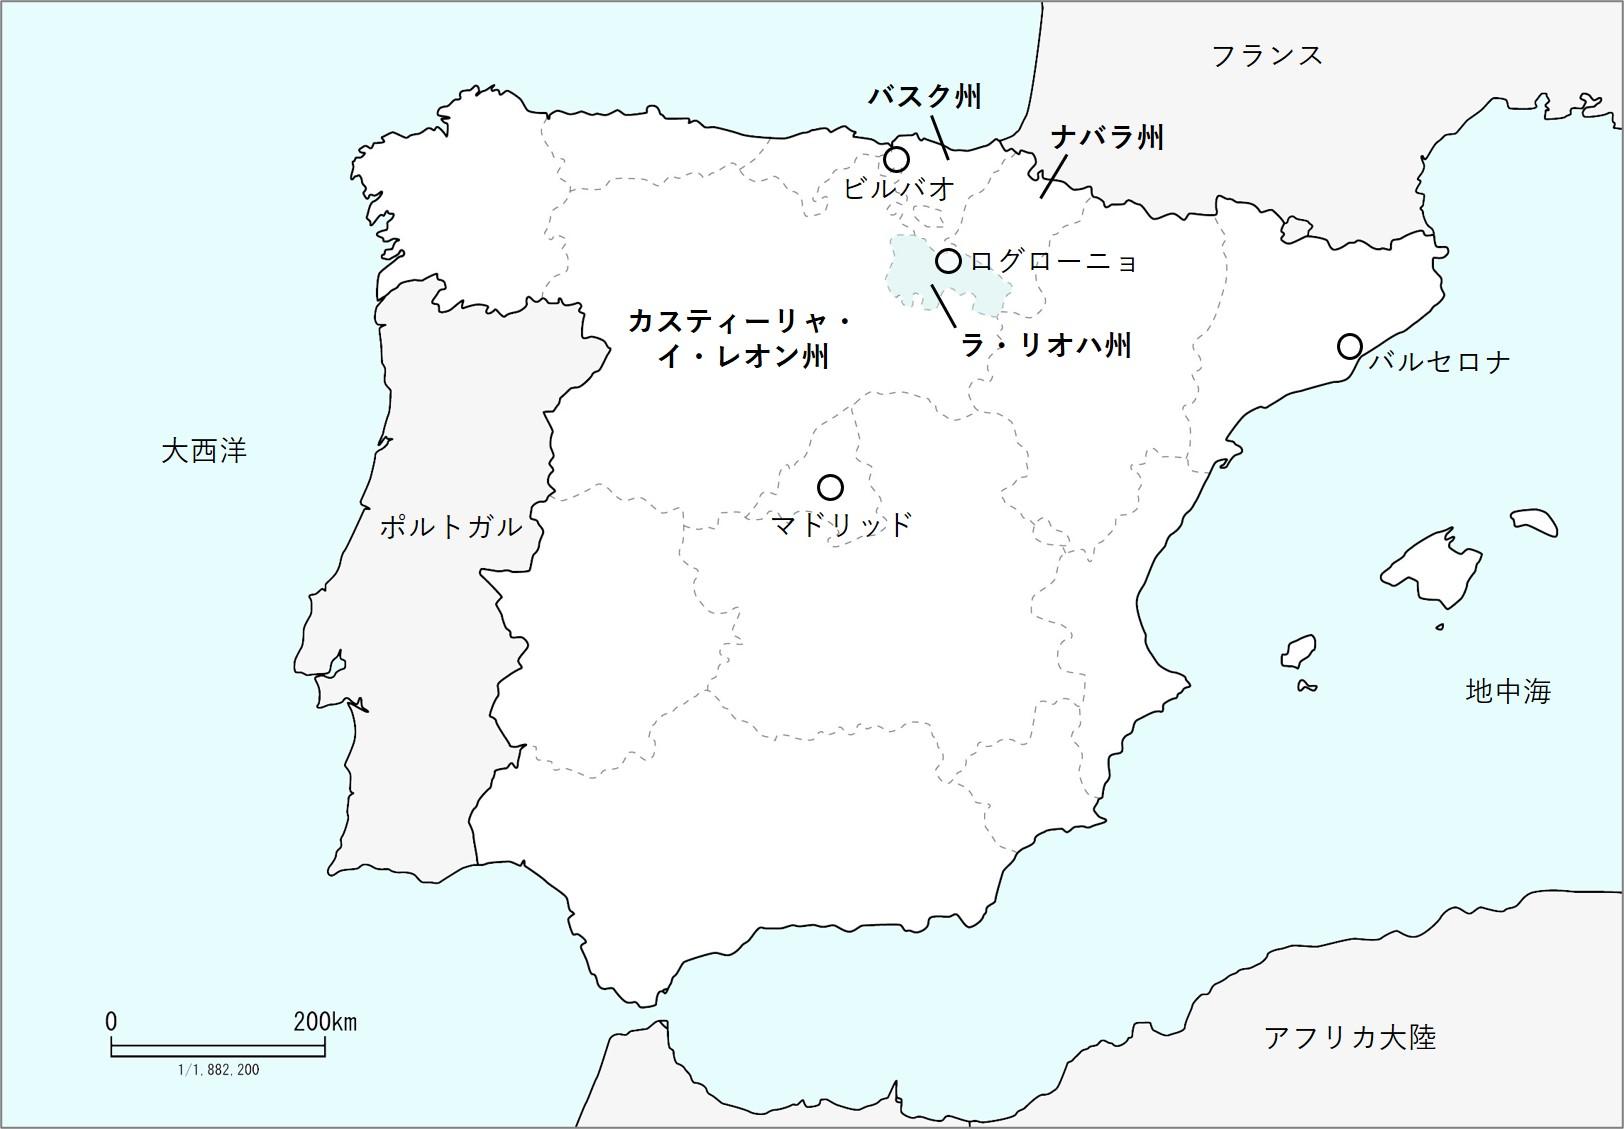 リオハの地図